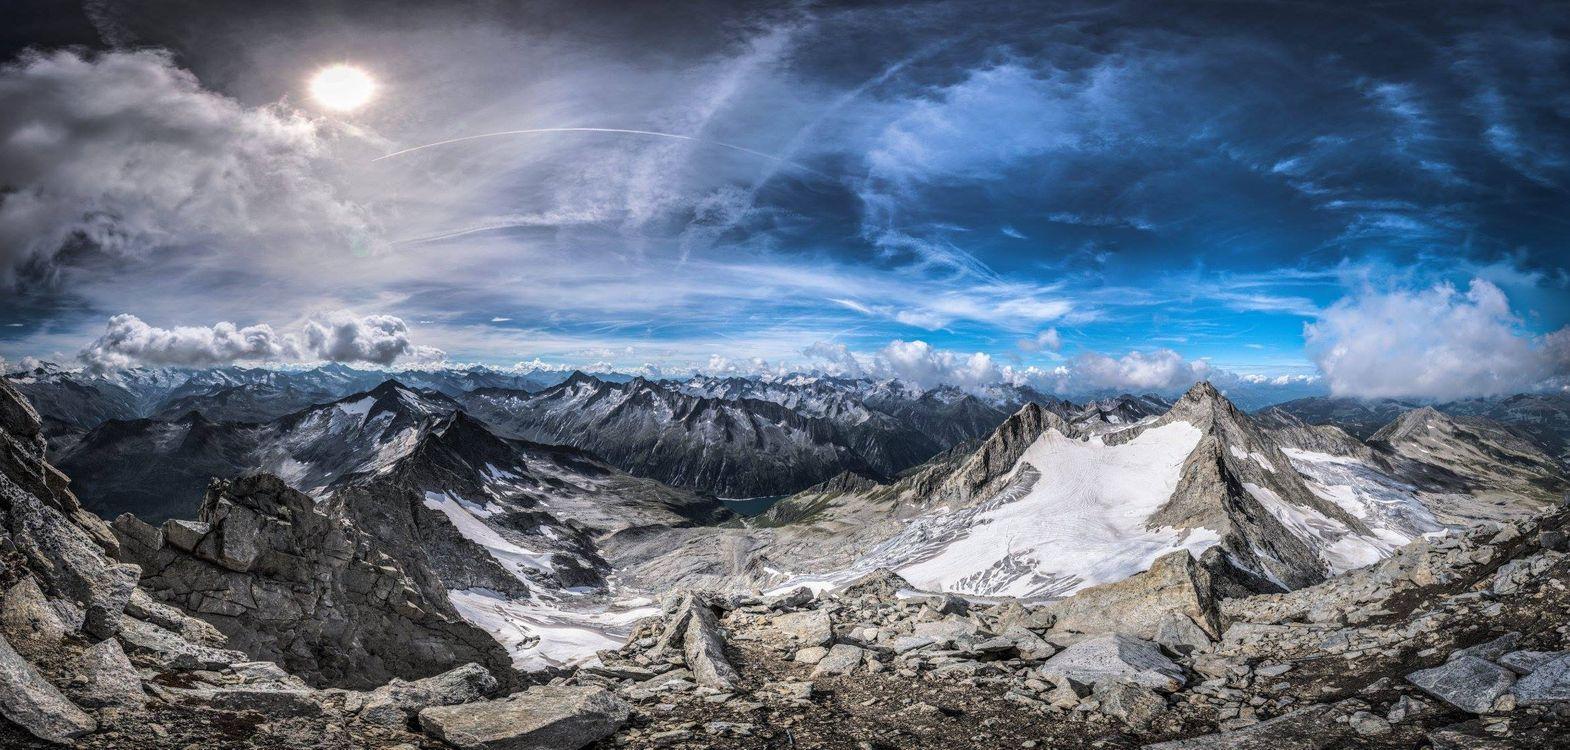 Обои Удивительный вид из Райхеншпитце, Австрия, горы, небо, облака, панорама, пейзаж на телефон | картинки пейзажи